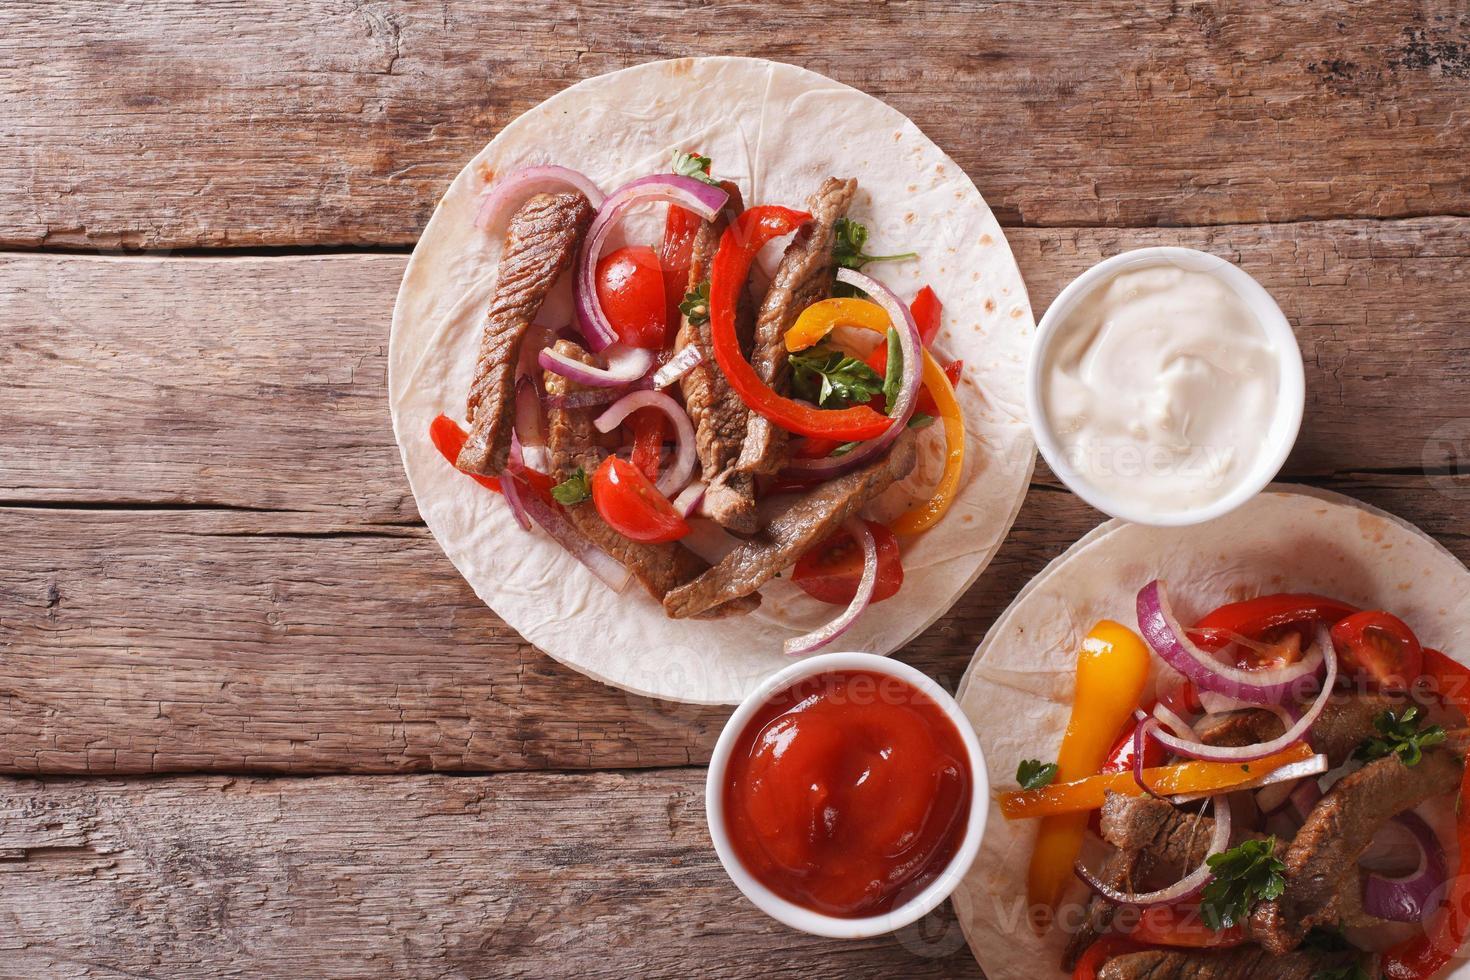 Tortillas mit Fleisch, Gemüse und Soße horizontale Draufsicht foto